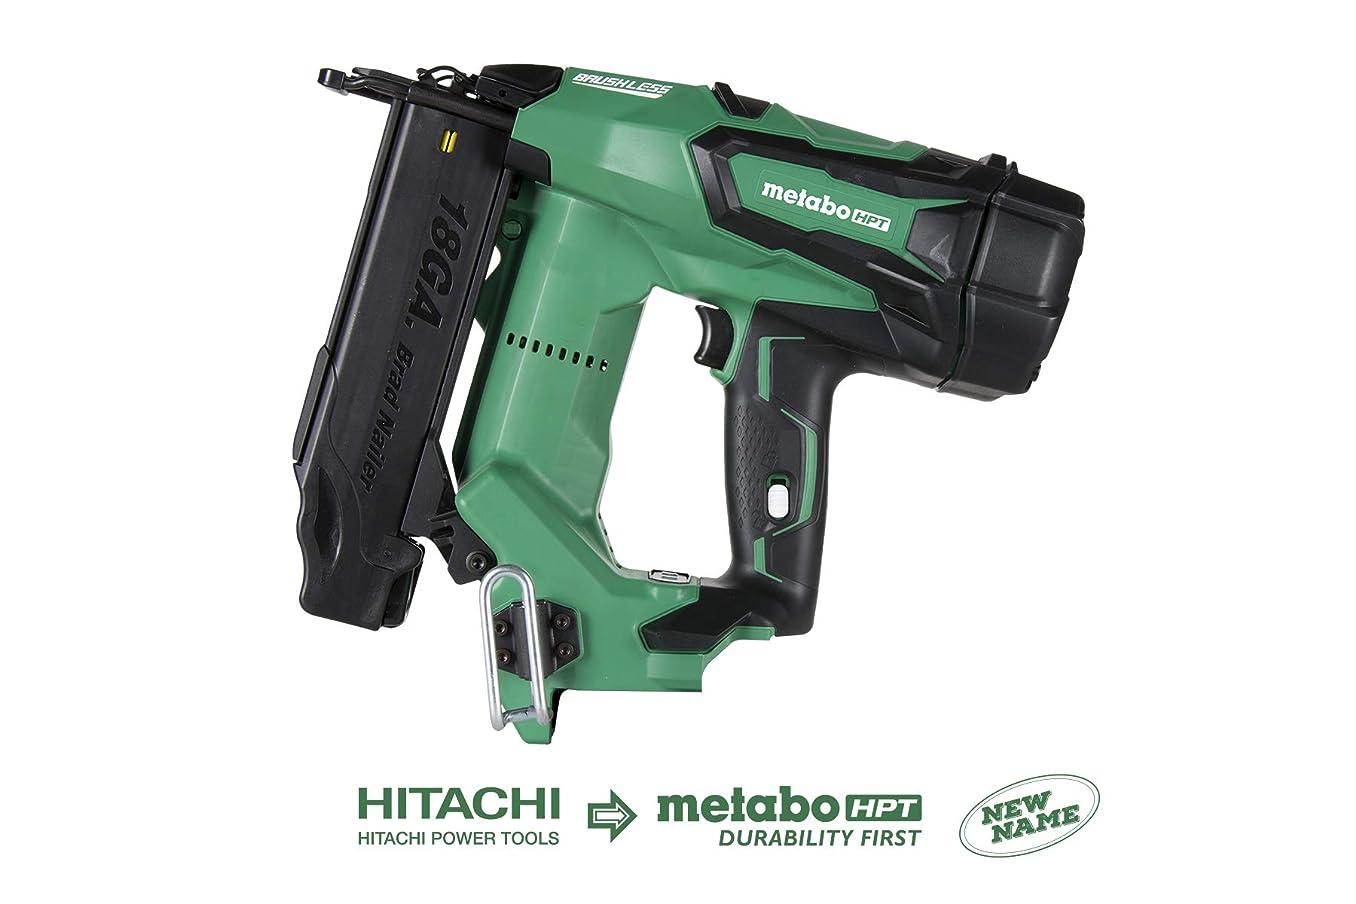 Metabo HPT NT1850DEQ4 18V Cordless Brad Nailer, Tool Only - No Battery, Brushless Motor, 18 Gauge, 5/8